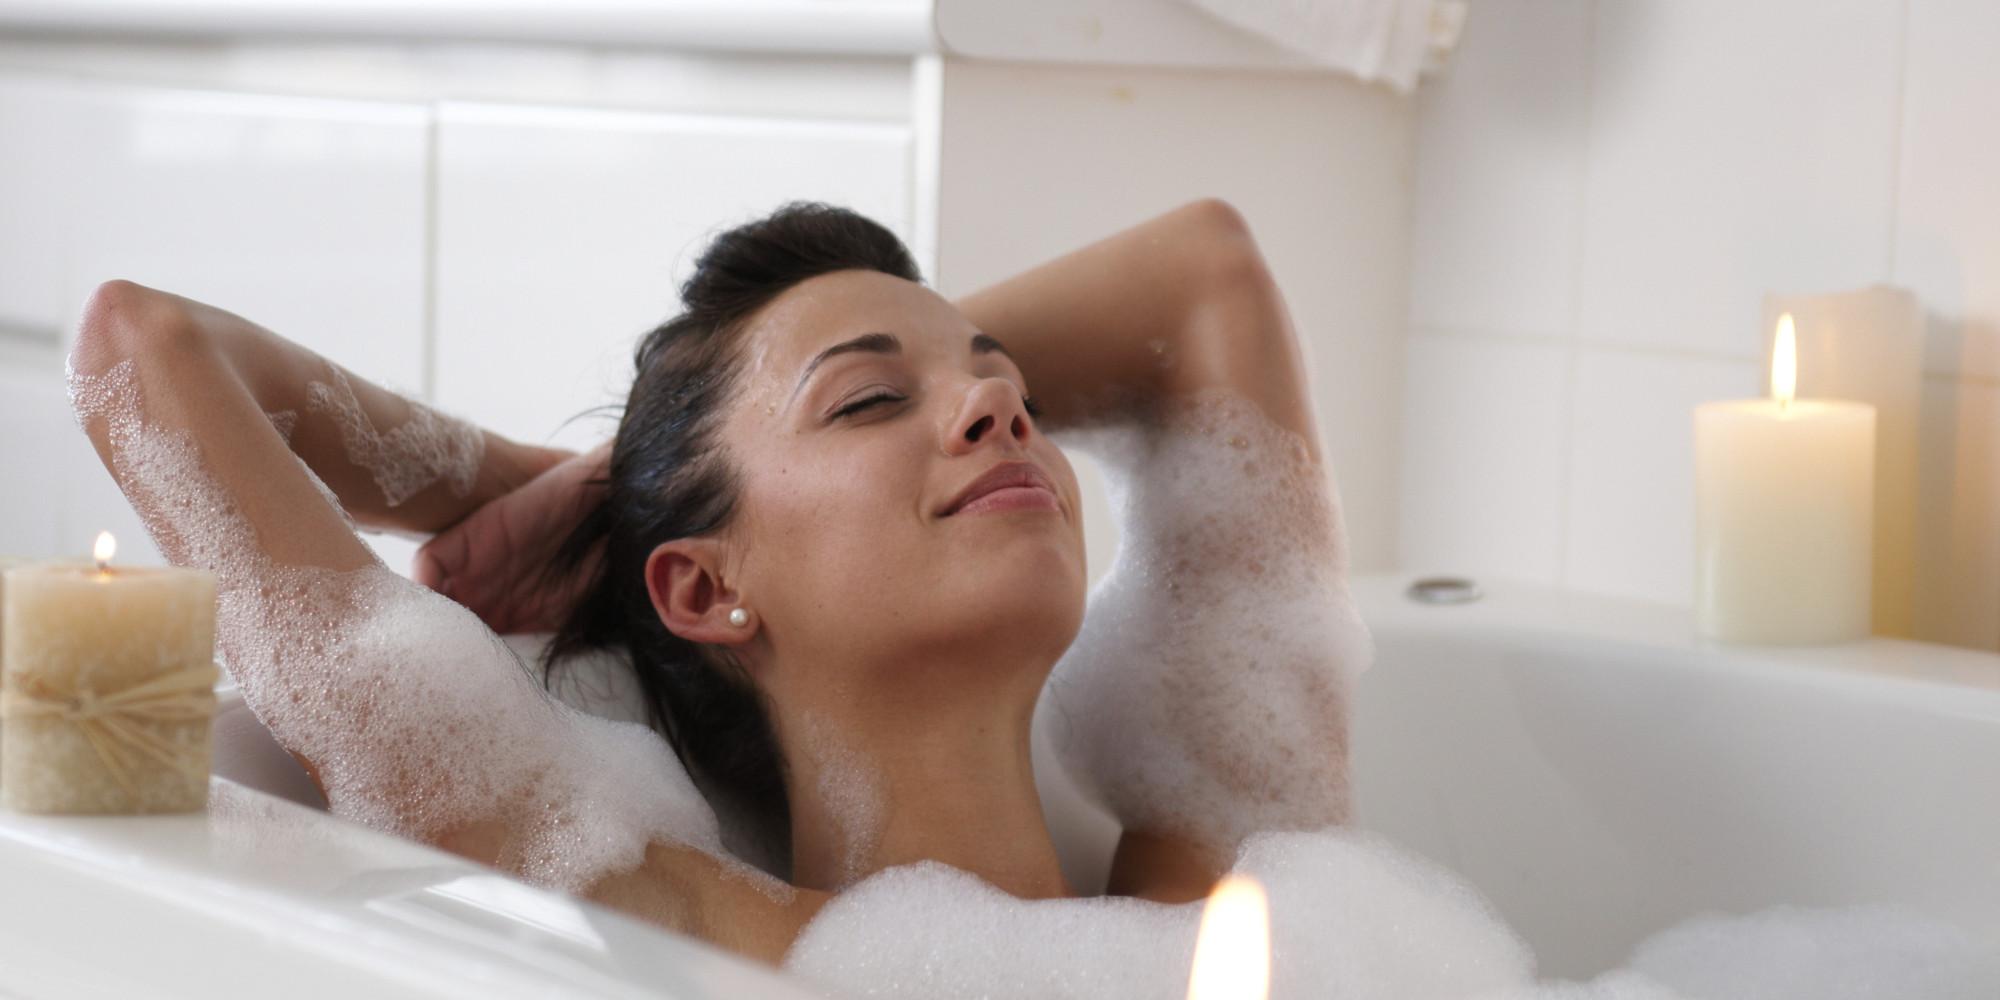 Woman bath